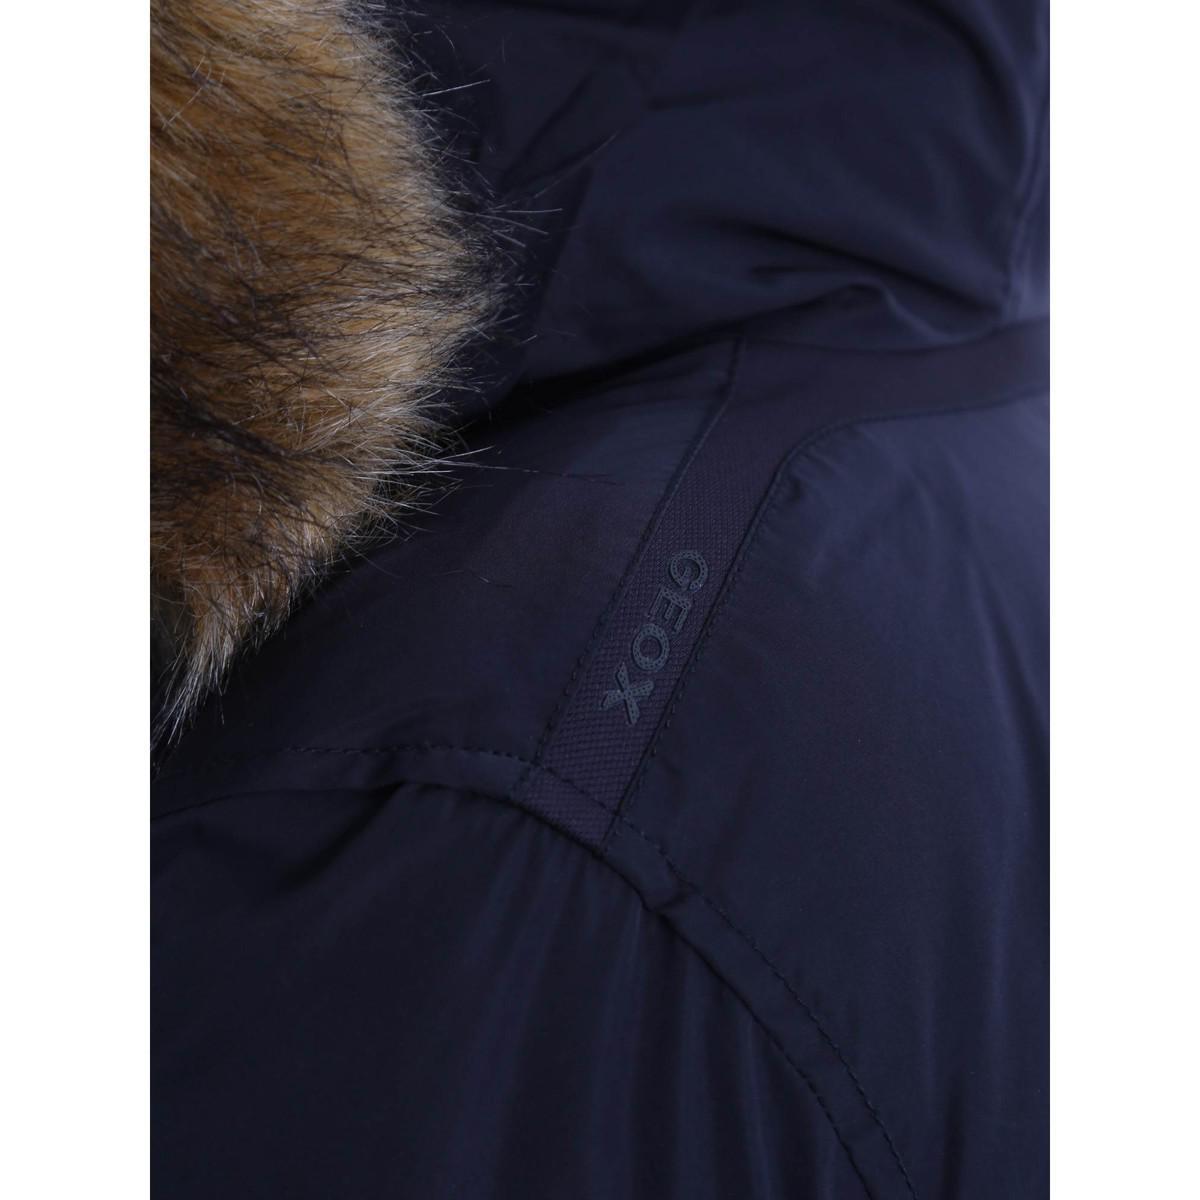 2f050d7136 Geox W6425s T2266 Down Jacket Women Blue Women's Coat In Blue in ...